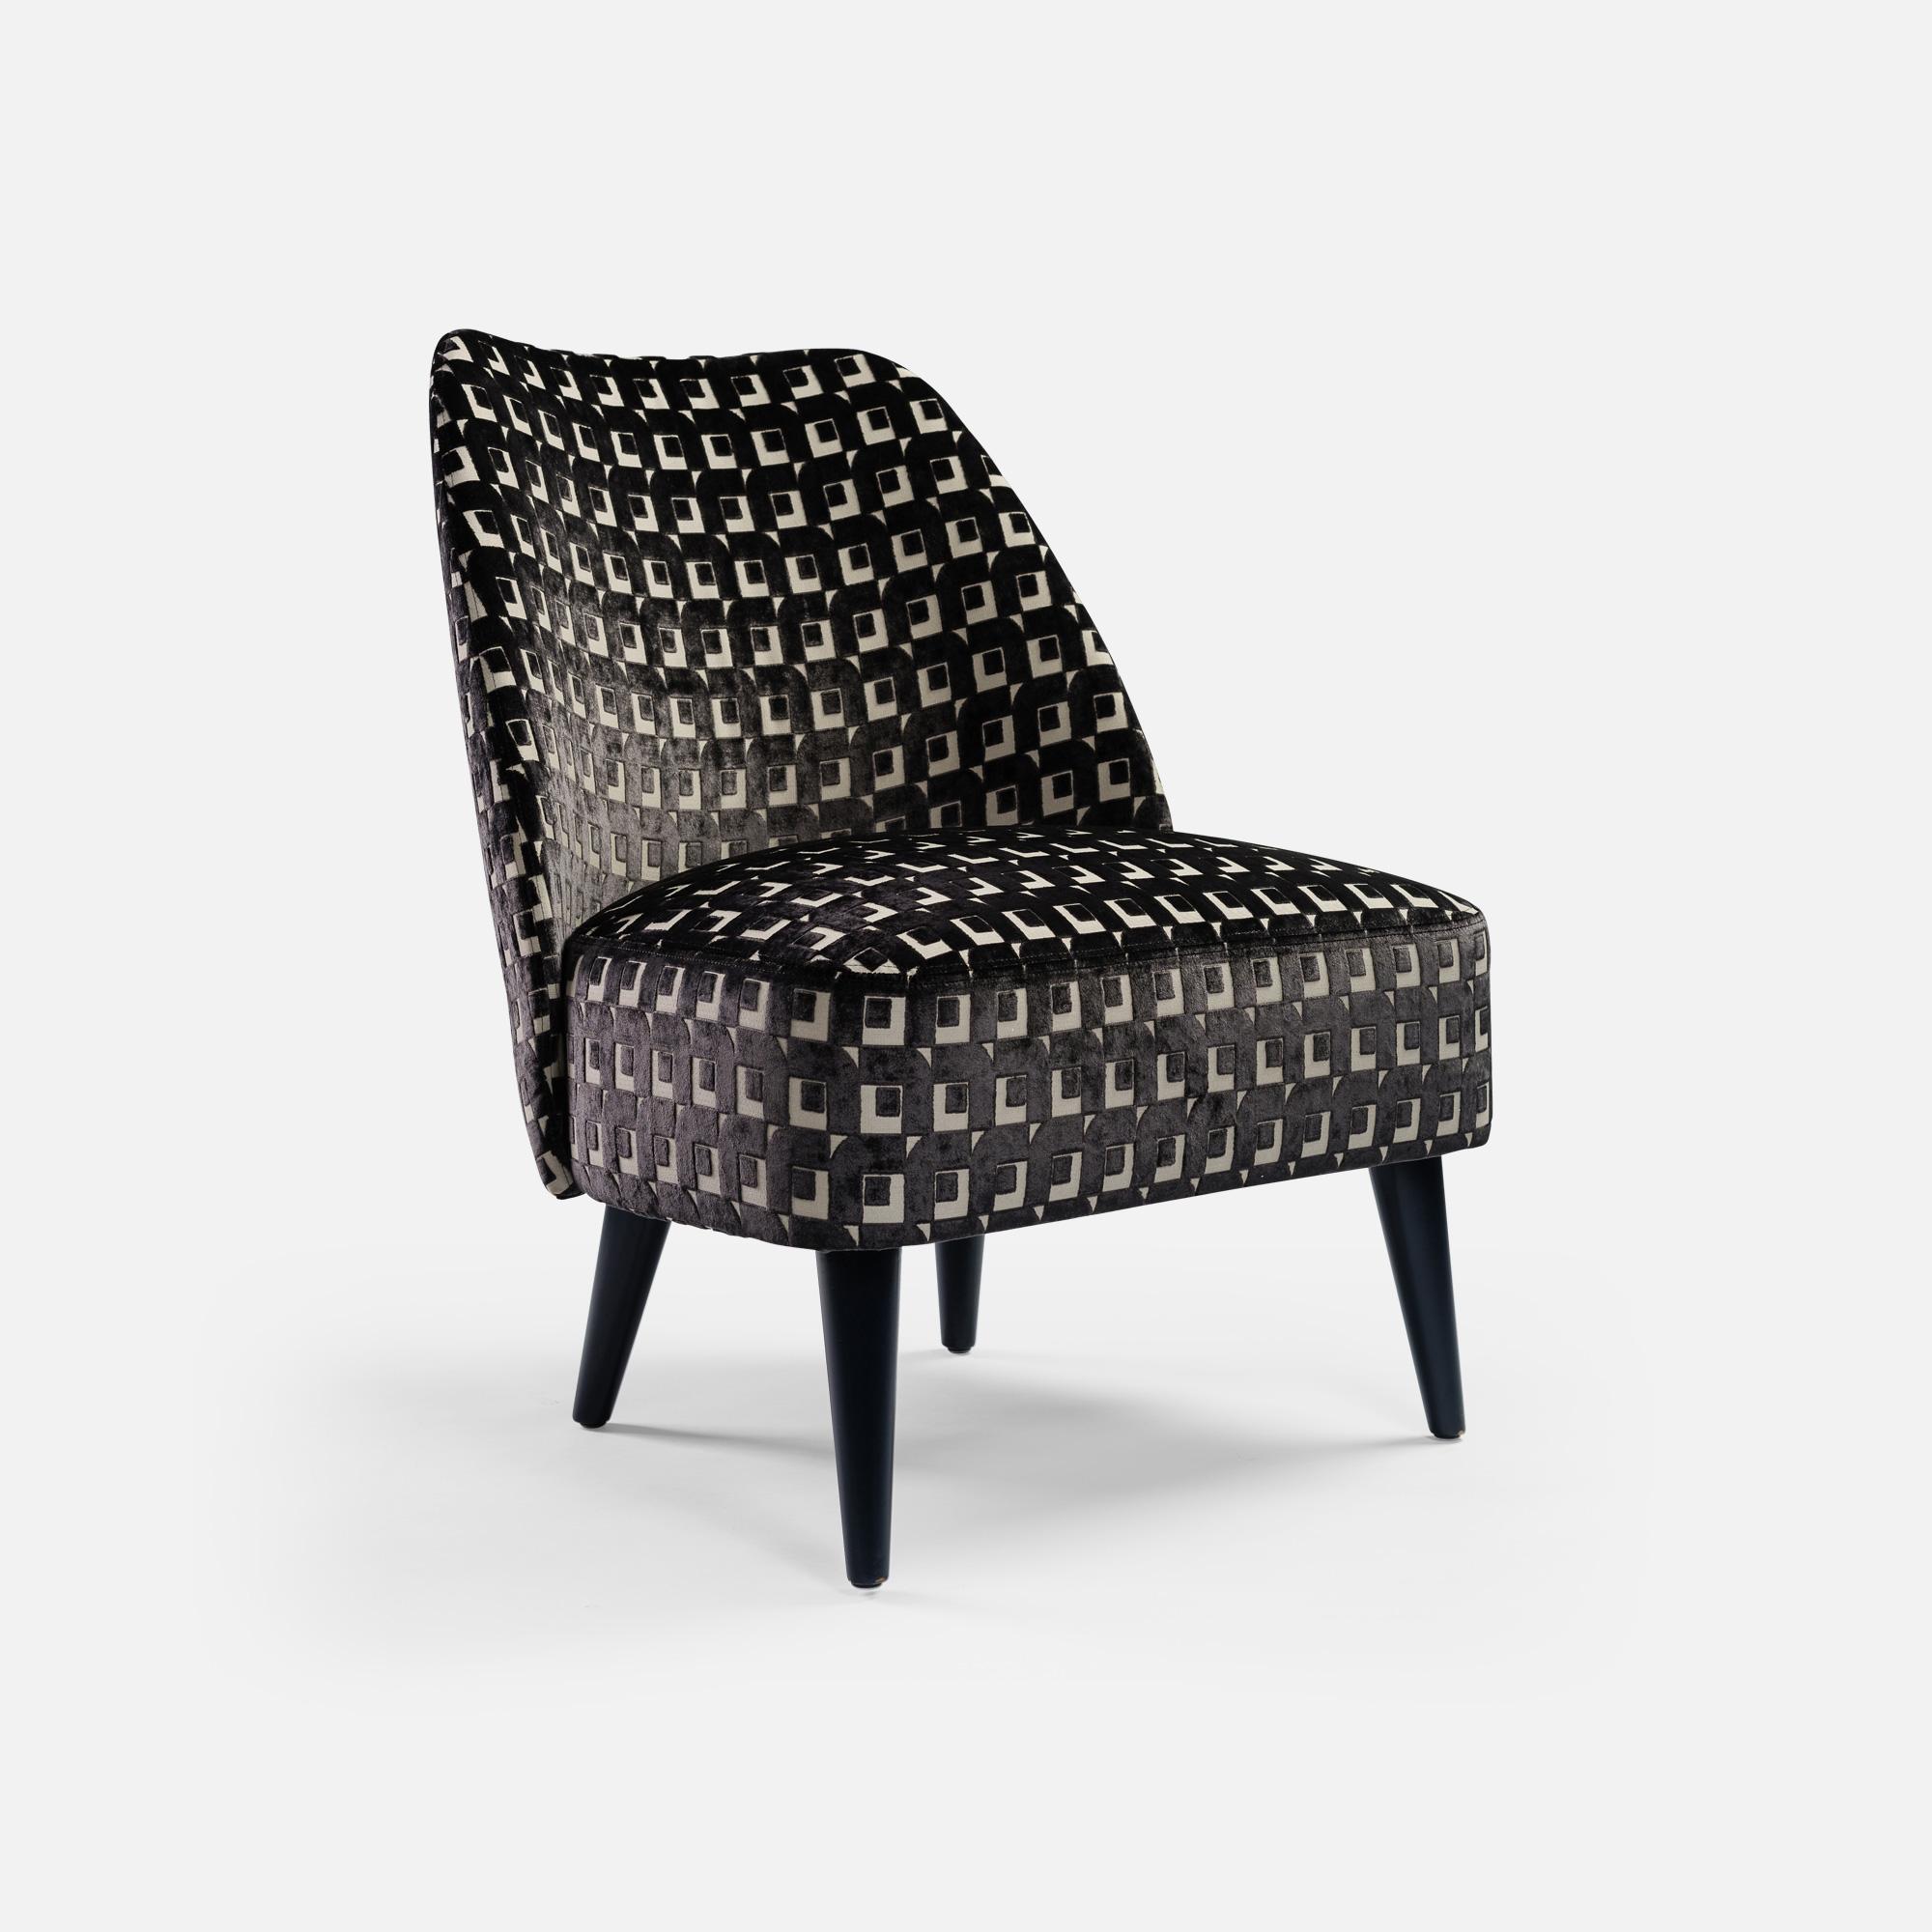 Slipper Chair for Hotel restaurant bar Opéra